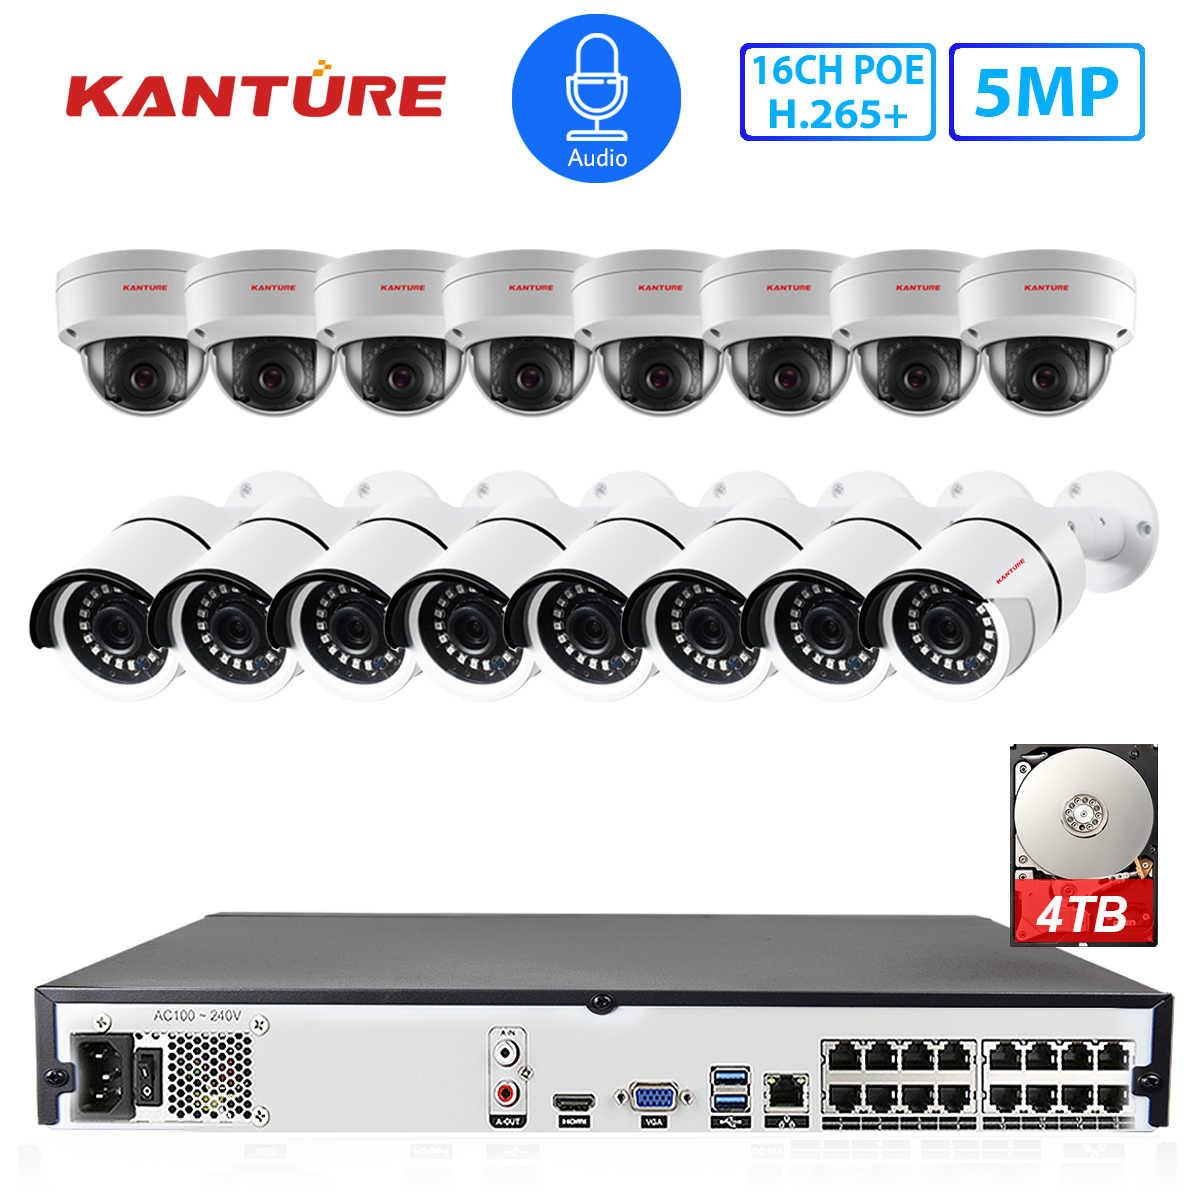 كانتشر H.265 + 16CH 5MP بو طقم NVR الصوت 5MP المخرب الأمن داخلي في الهواء الطلق كاميرا IP نظام مراقبة بالفيديو Onvif HDMI